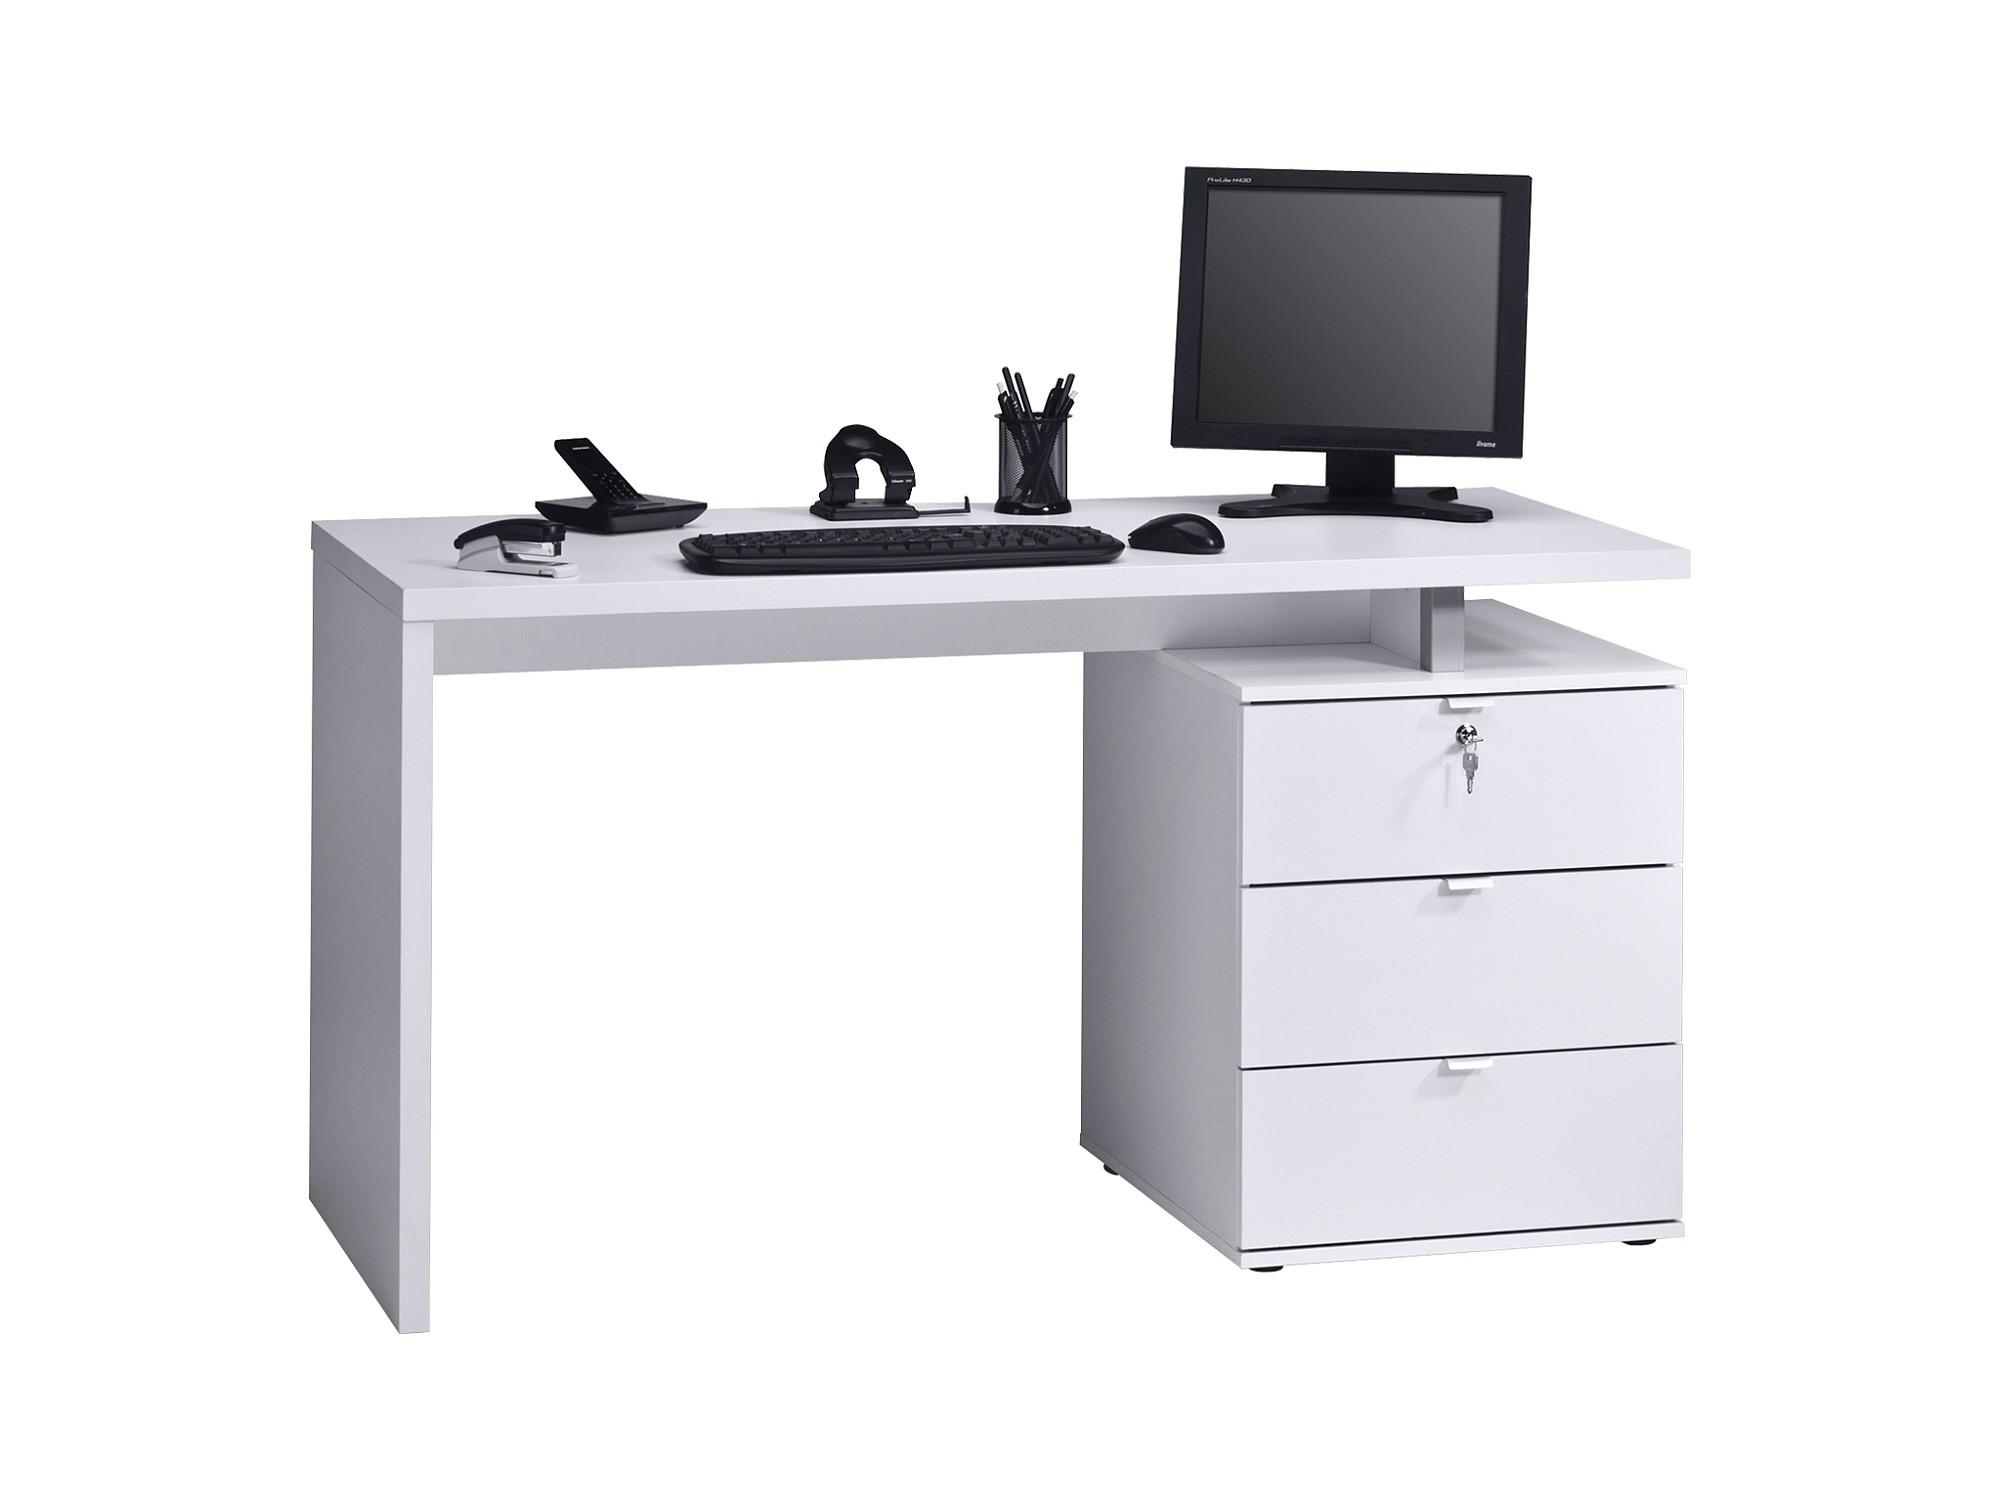 Schreibtisch Schwarz Hochglanz  schreibtisch schwarz weiß hochglanz – Deutsche Dekor 2018